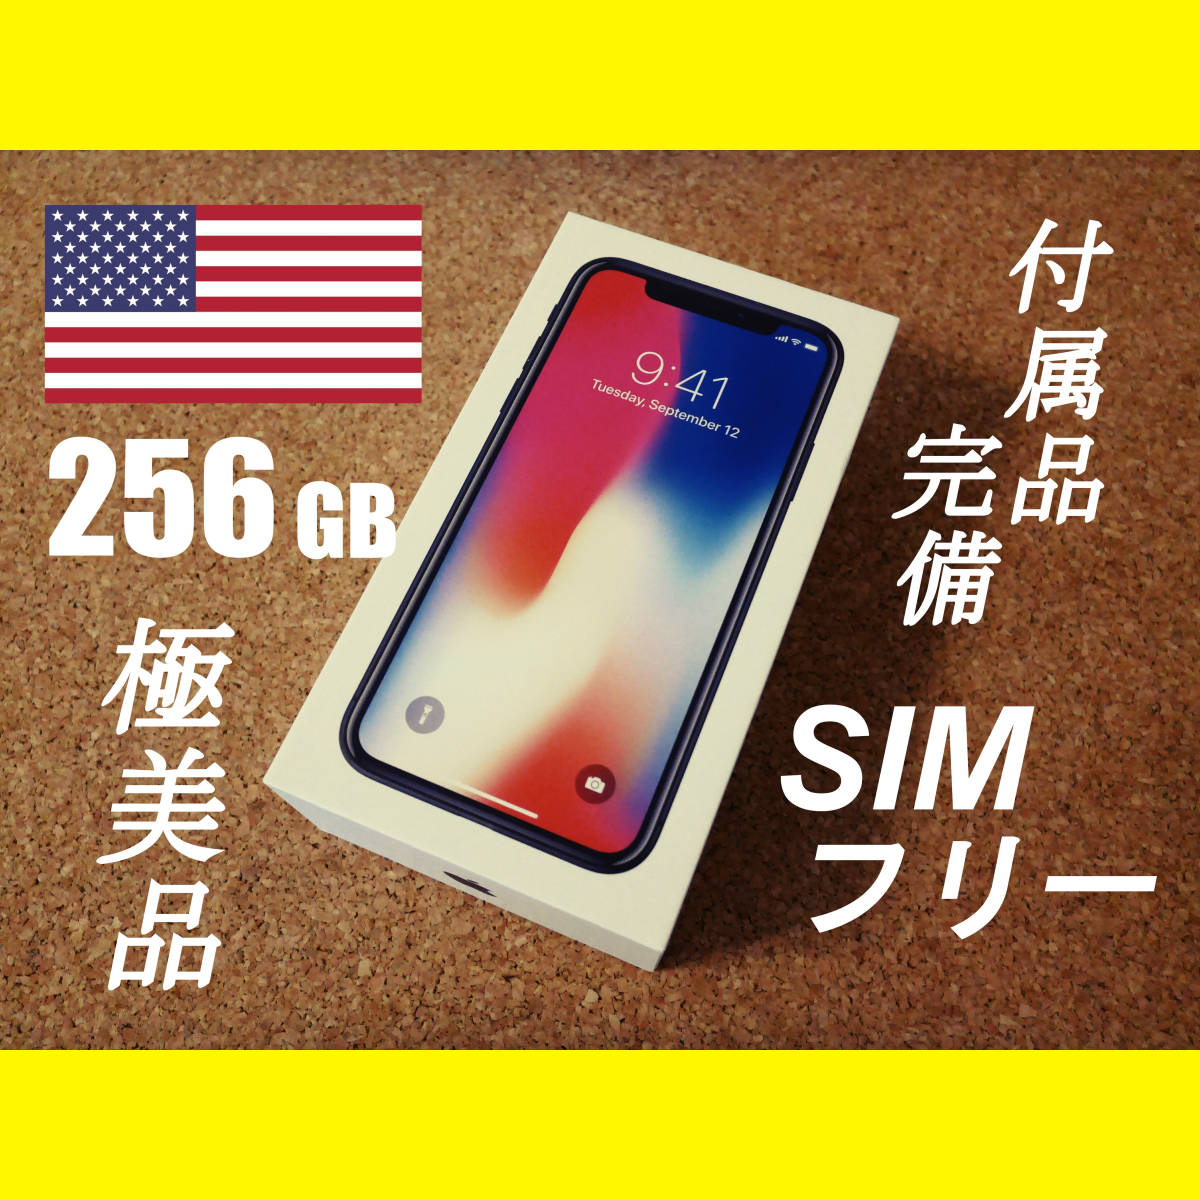 iPhone X 256GB 米国版 SIMフリー A1865 MQA82LL/A スペースグレイ iPhoneX 海外版 海外仕様 アメリカ版 スペースグレー Space Gray